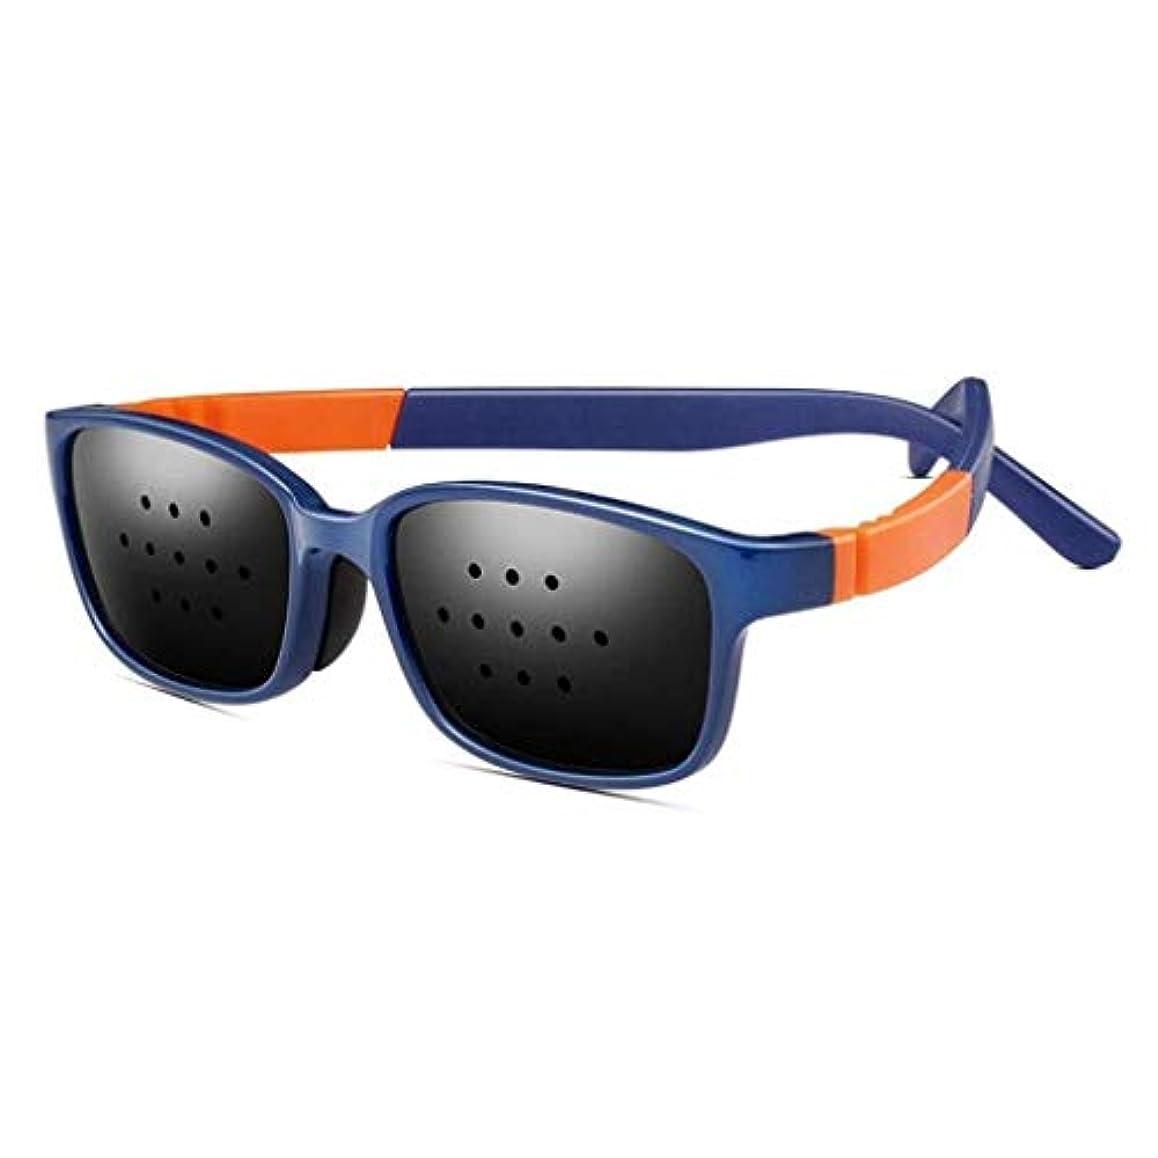 広大な居眠りするブルピンホールメガネ、視力矯正メガネ網状視力保護メガネ耐疲労性メガネ近視の防止メガネの改善 (Color : 青)